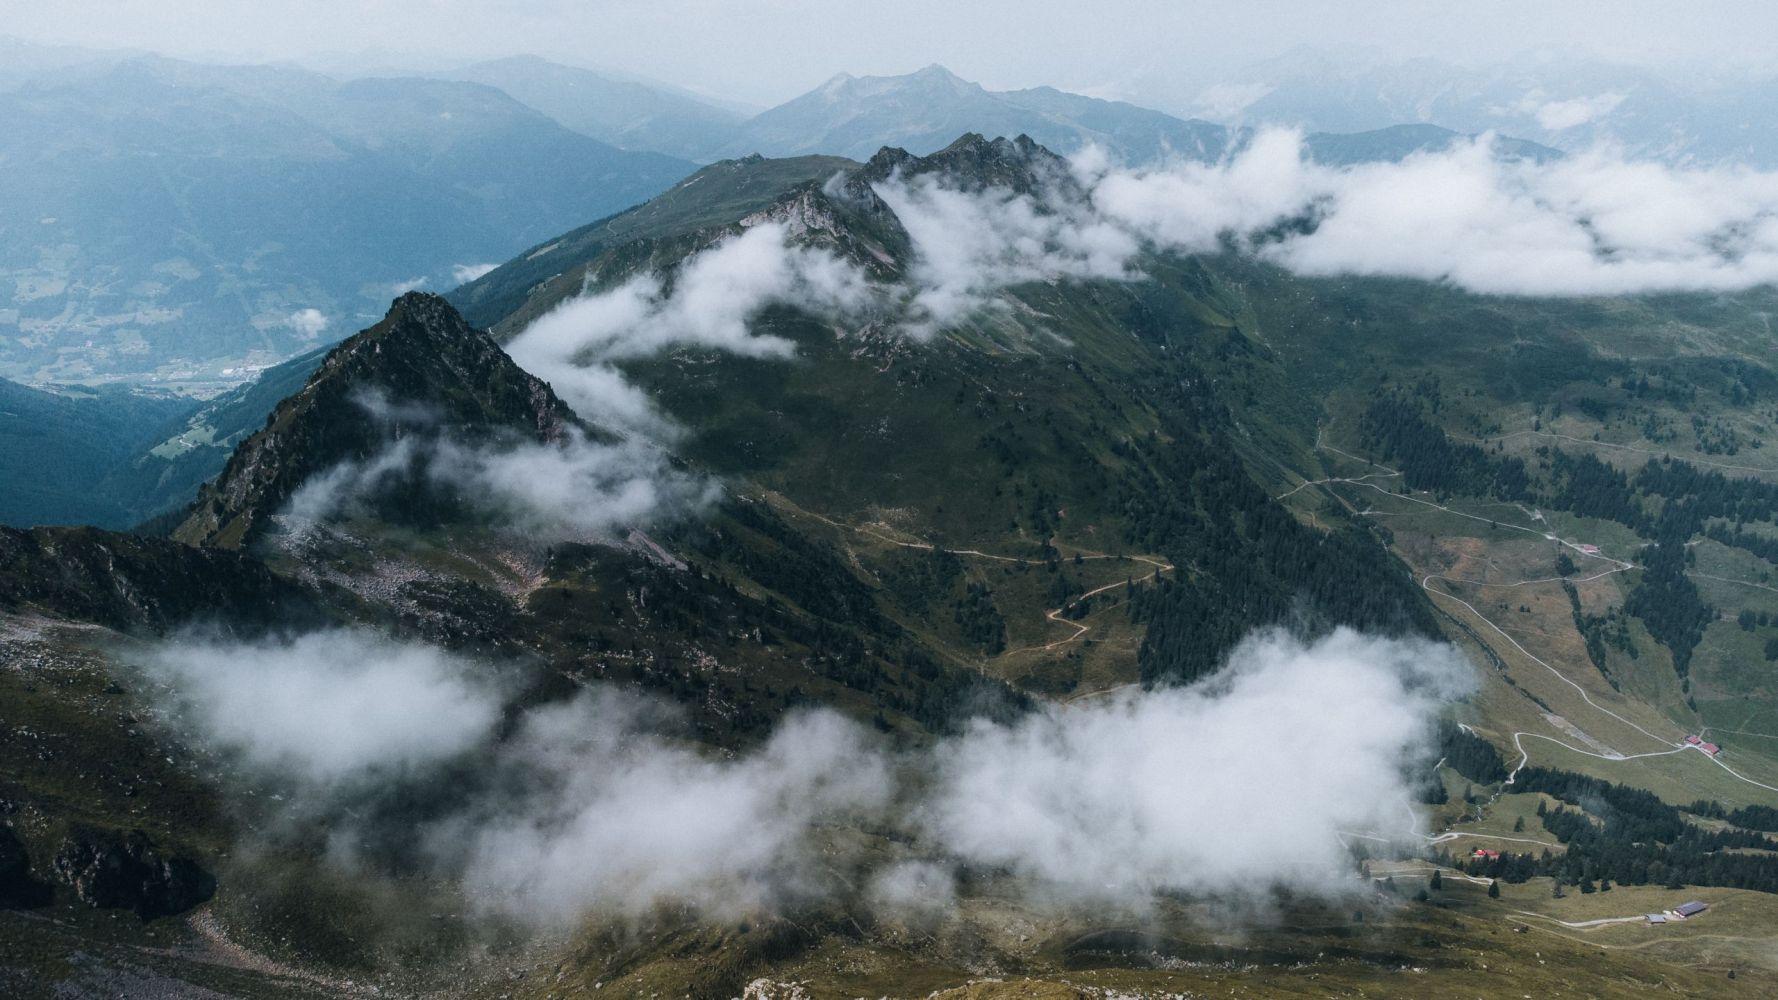 #1 Auf den großen Galtenberg, dem höchsten Berg im Alpbachtal